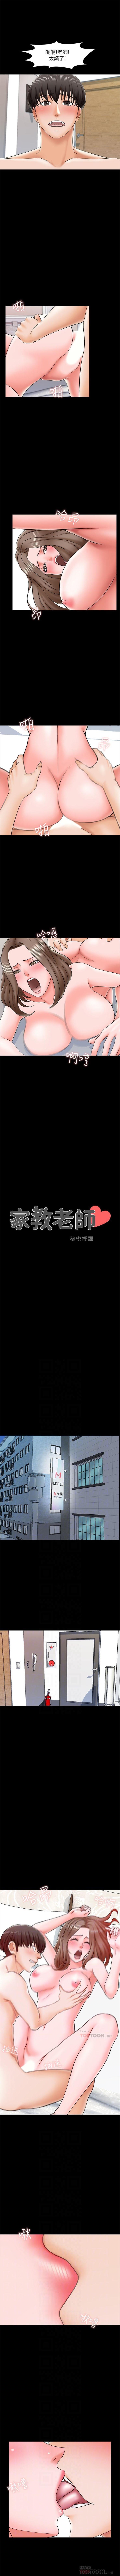 (週1)家教老師  1-21 中文翻譯(更新中) 136